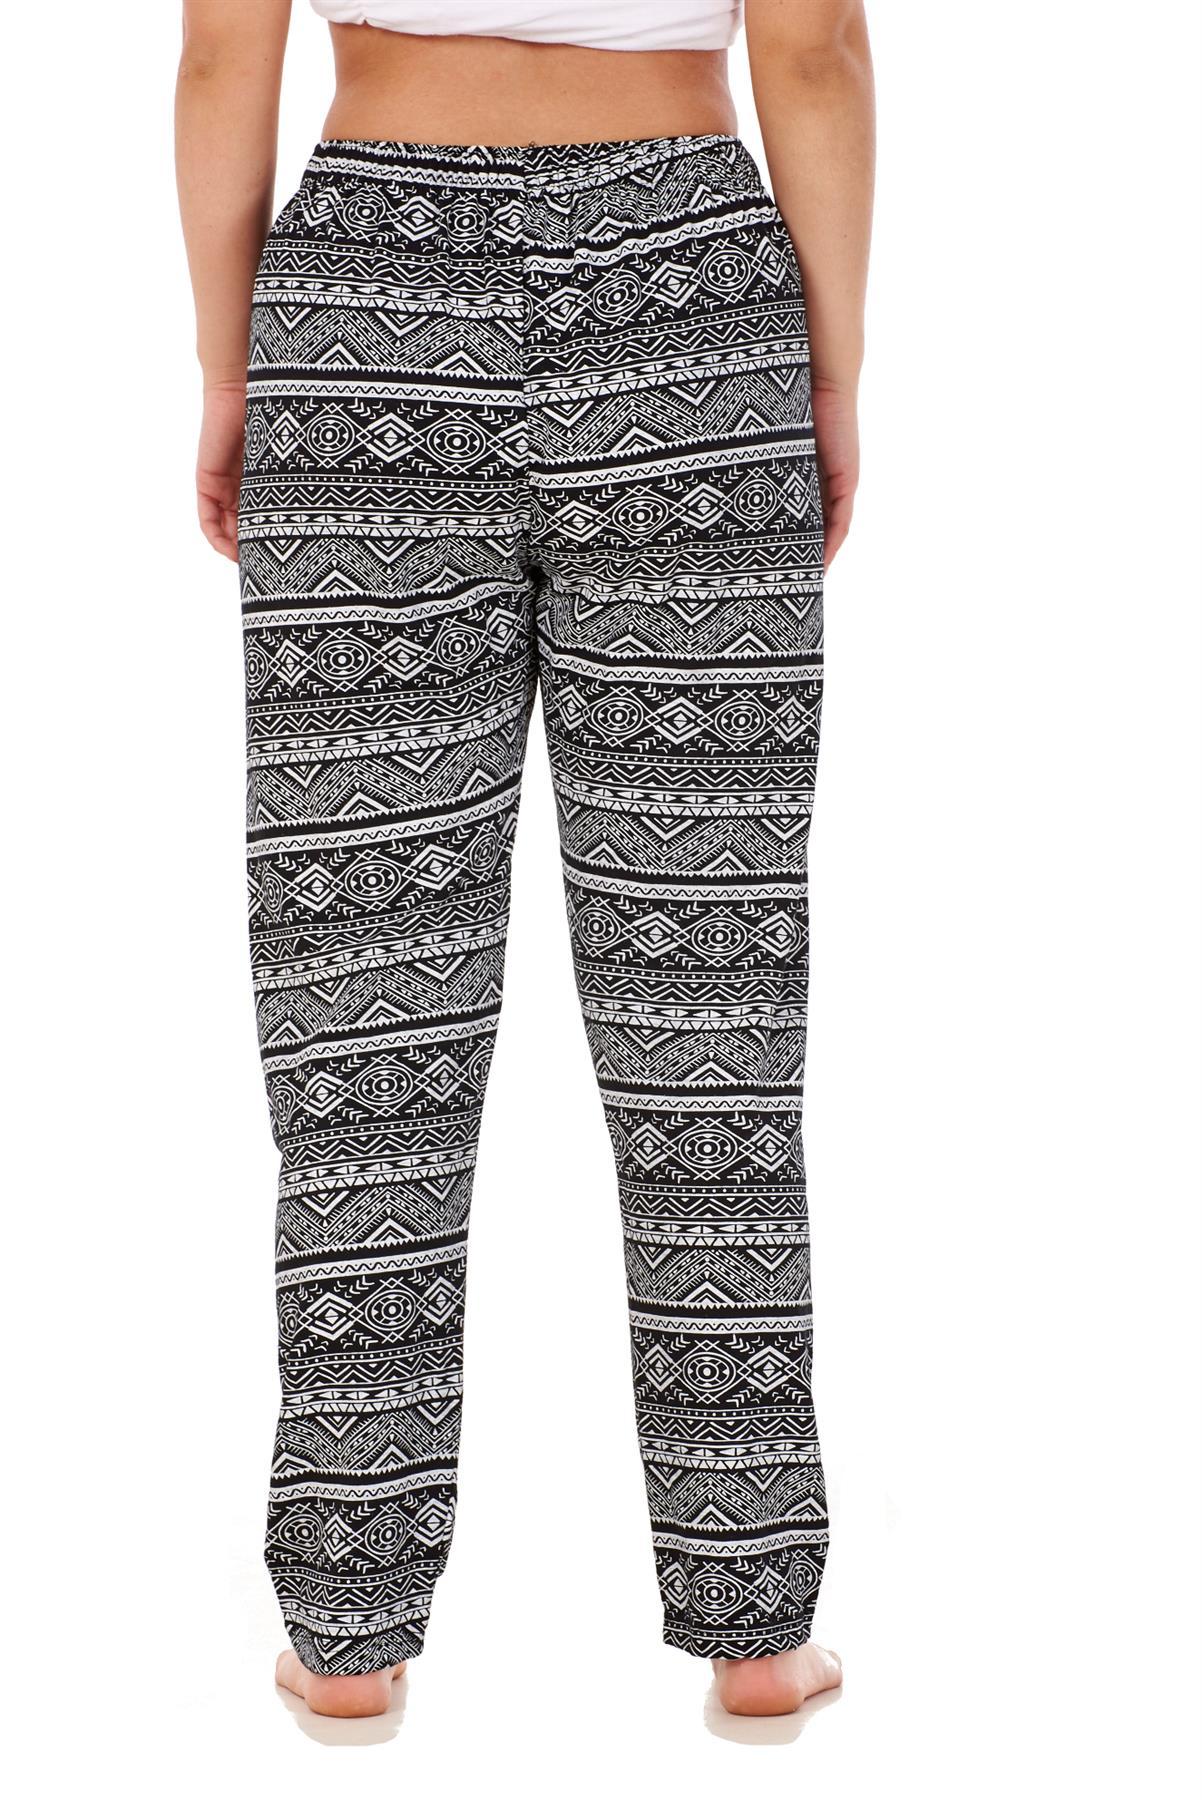 Signore Donne Pantaloni con elastico stampato Affusolato Harem Vita Alta Pantaloni regolare